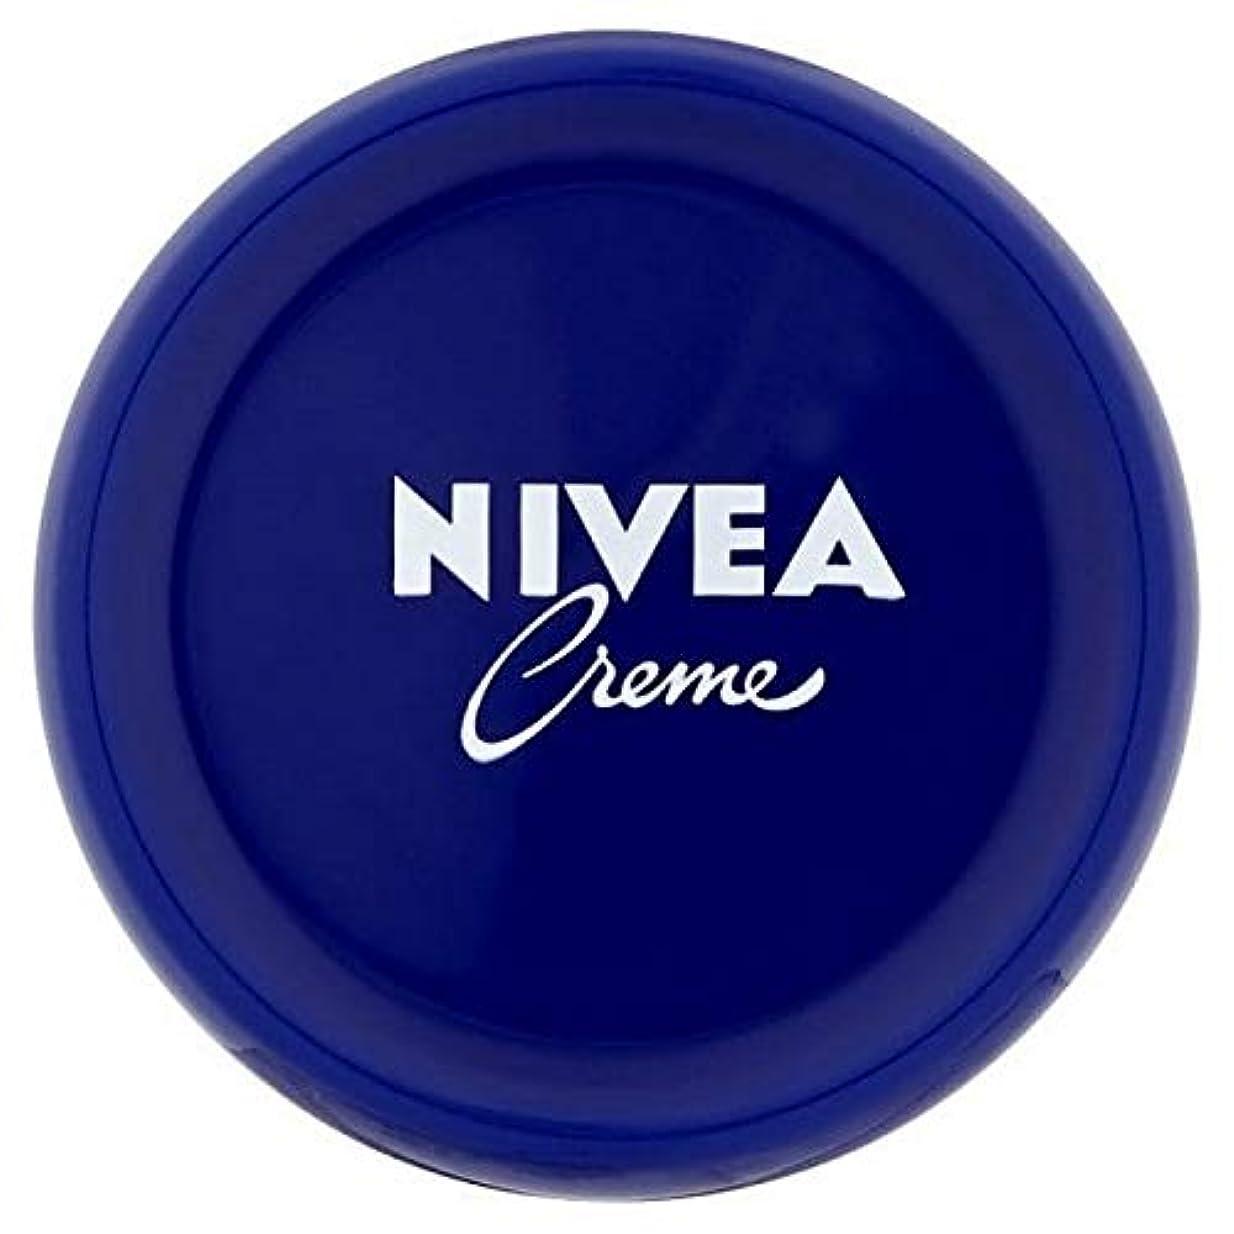 寄り添う半導体ネックレット[Nivea ] ニベアクリーム万能ボディクリーム、50ミリリットル - NIVEA Creme All Purpose Body Cream, 50ml [並行輸入品]